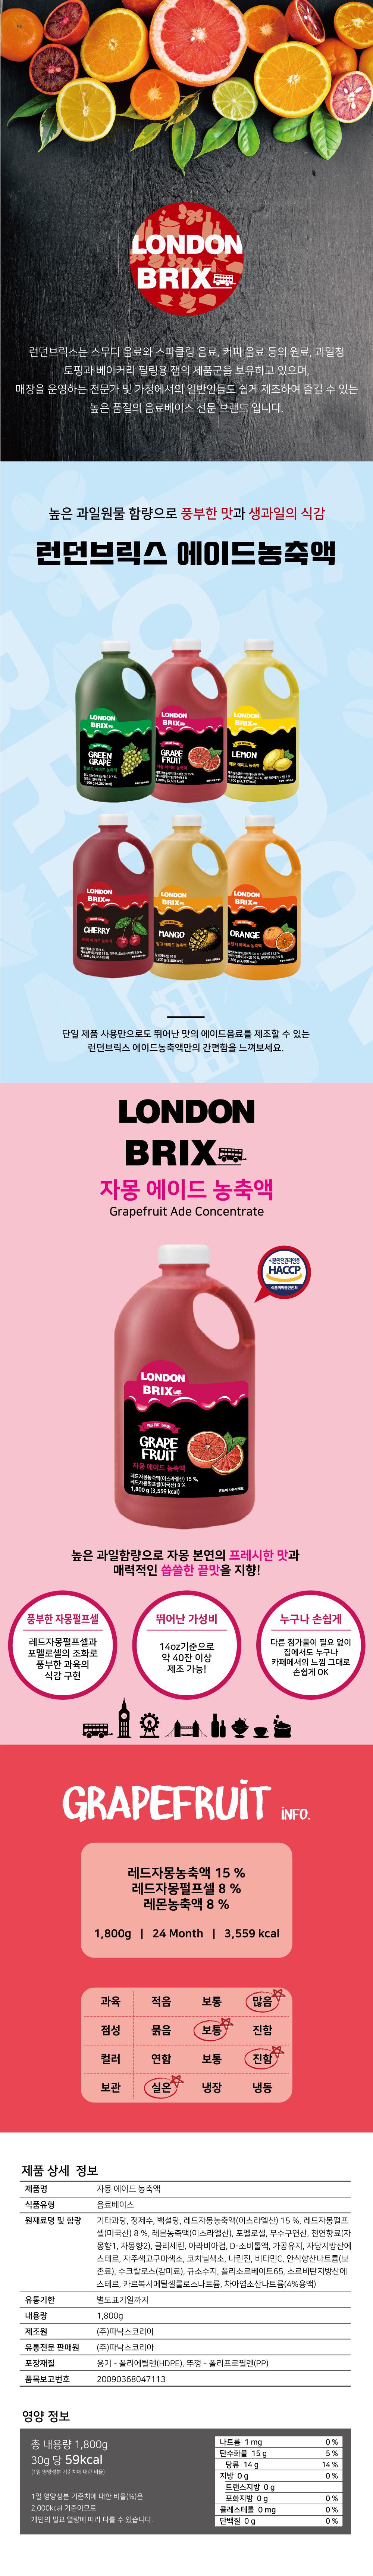 Ade_grapefruit